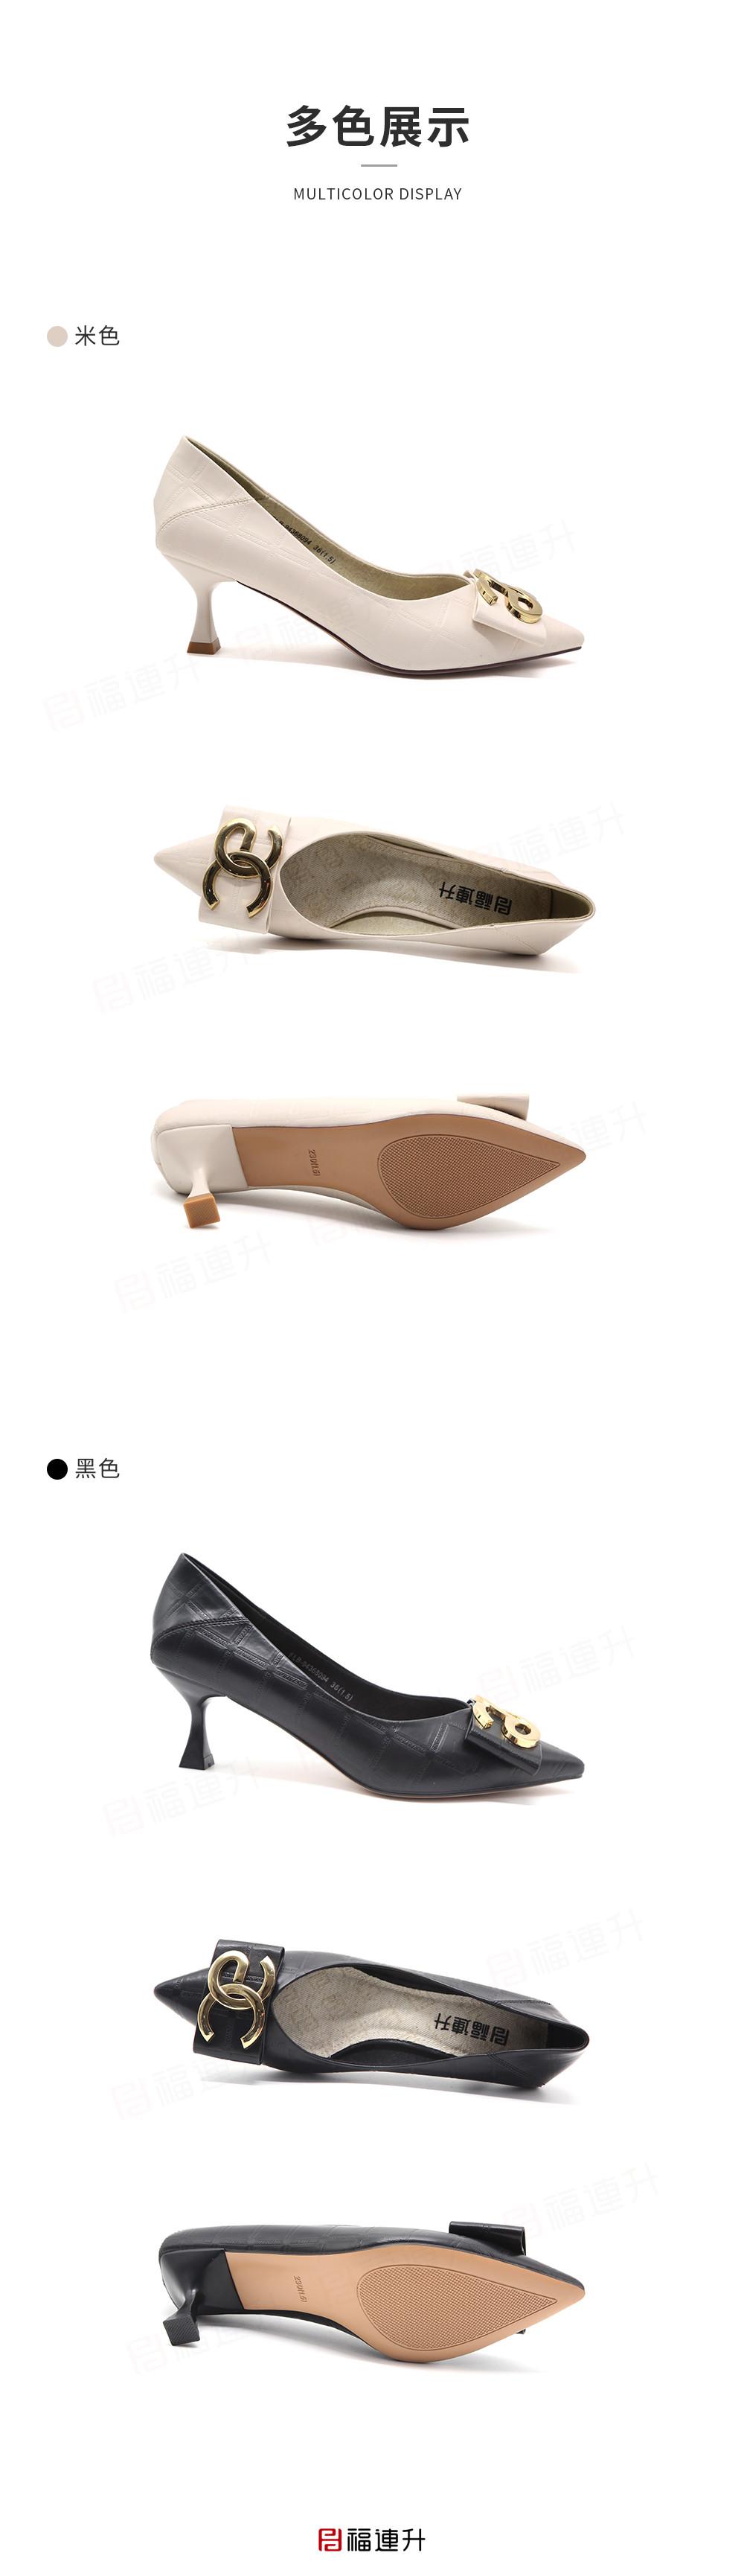 福连升休闲工作通勤压纹浅口细跟中跟舒适女鞋图片